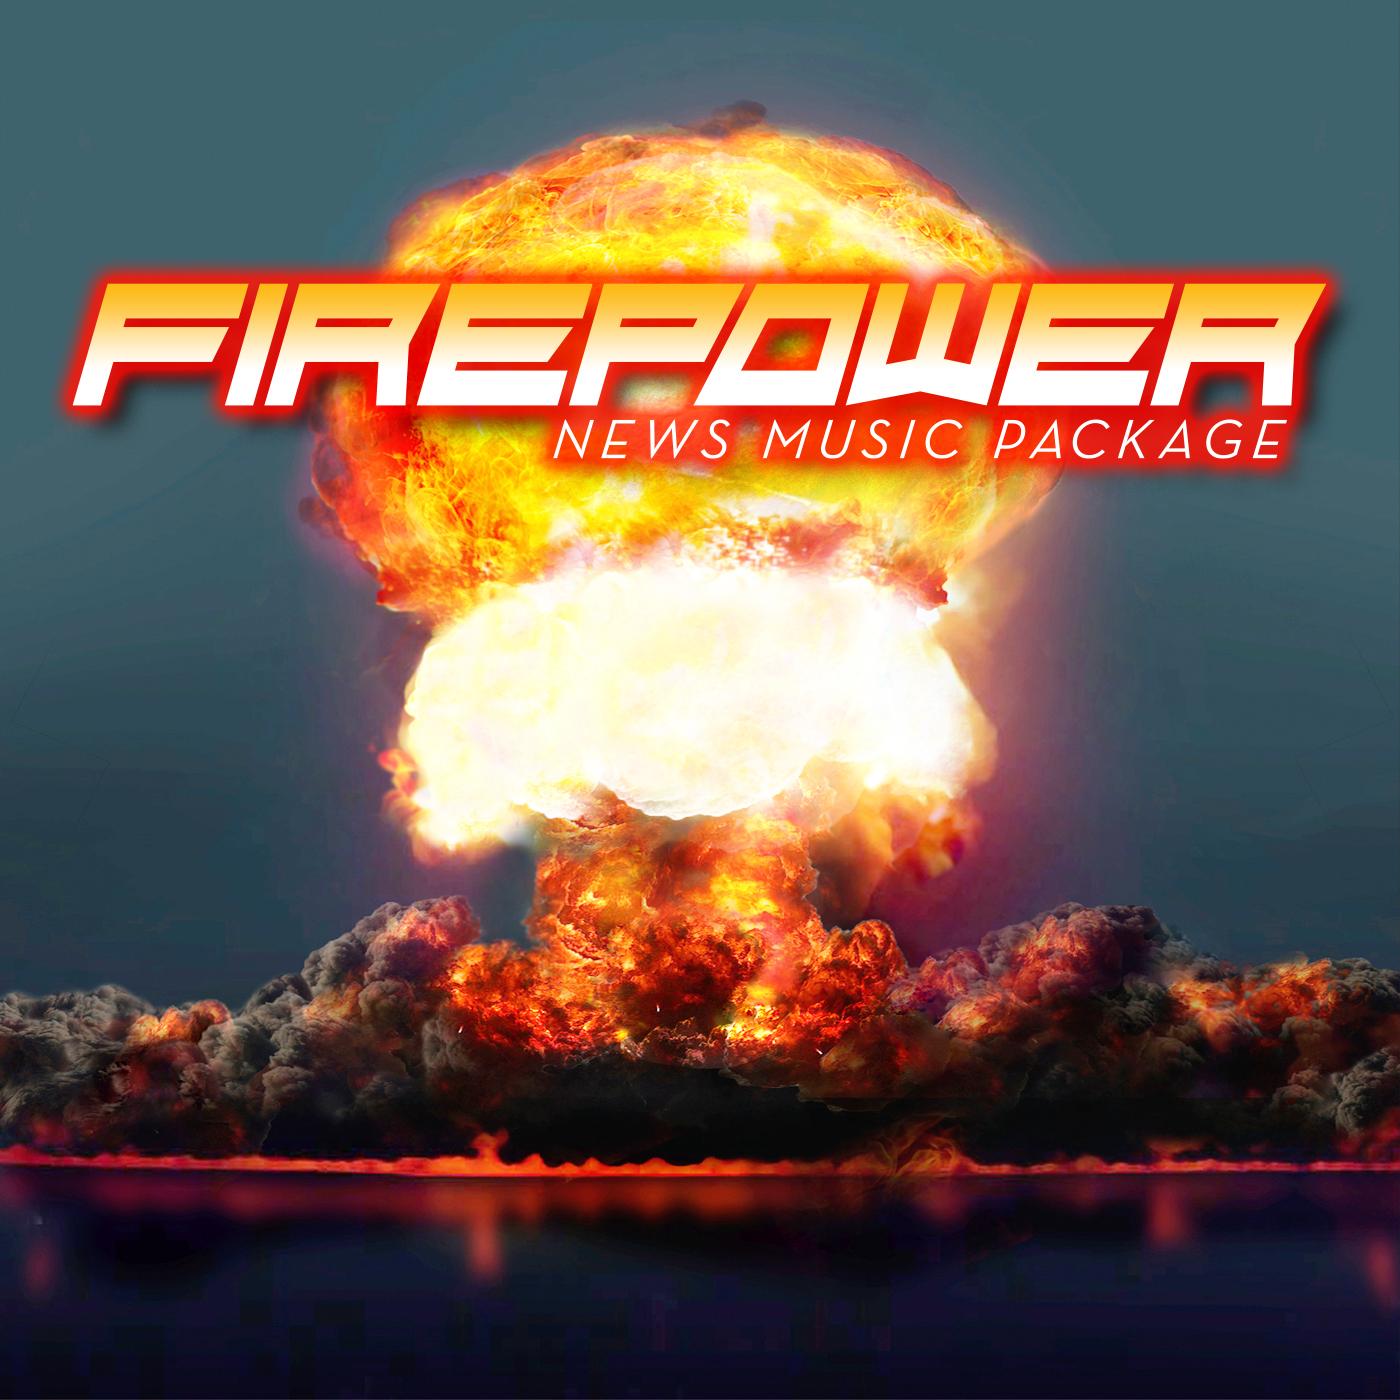 Firepower News Music Package